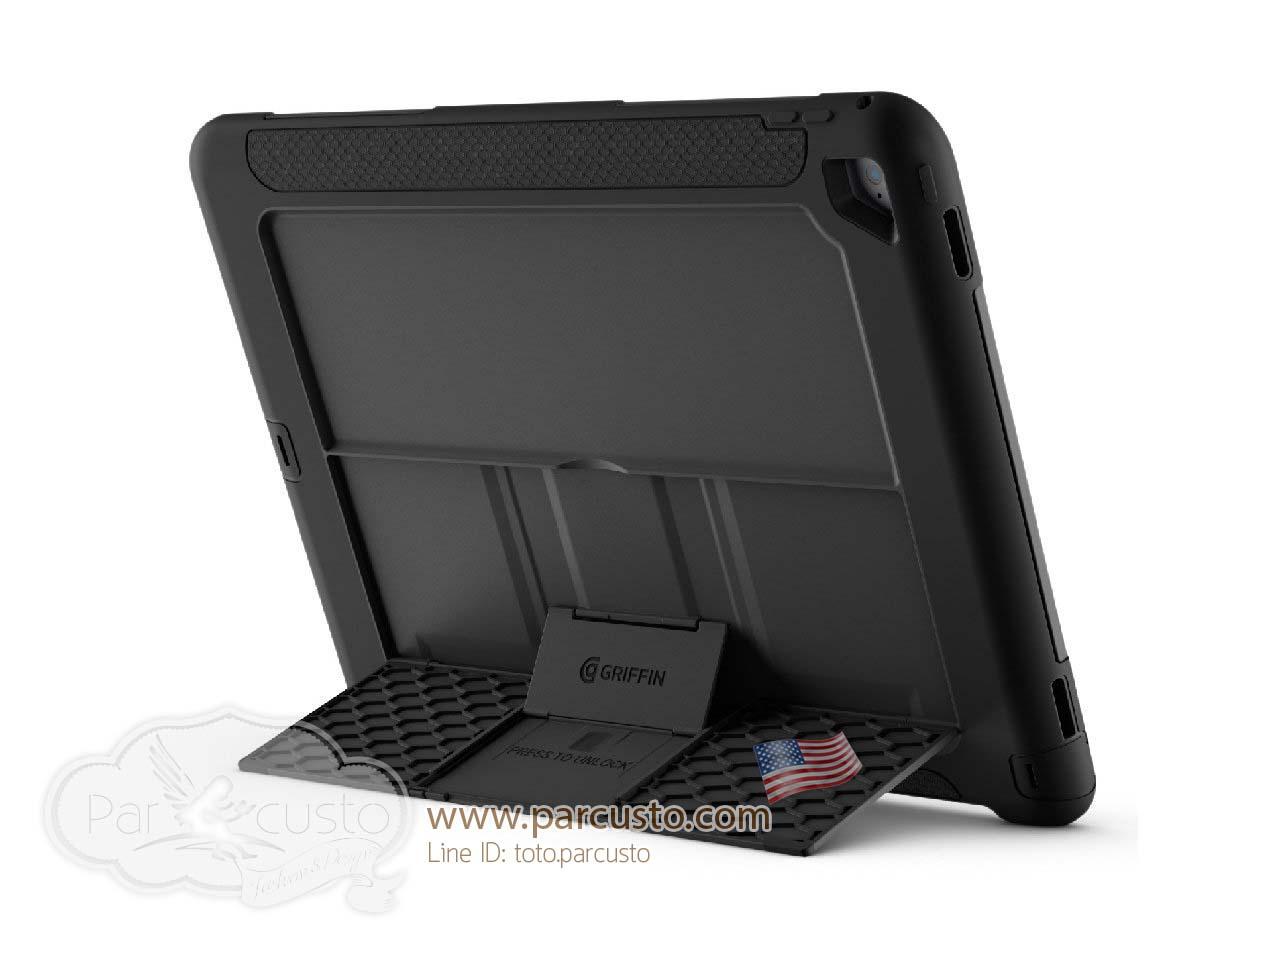 เคสกันกระแทก Apple iPad Pro [Survivor Slim] จาก Griffin [Pre-order USA] ส่งฟรีลงทะเบียน